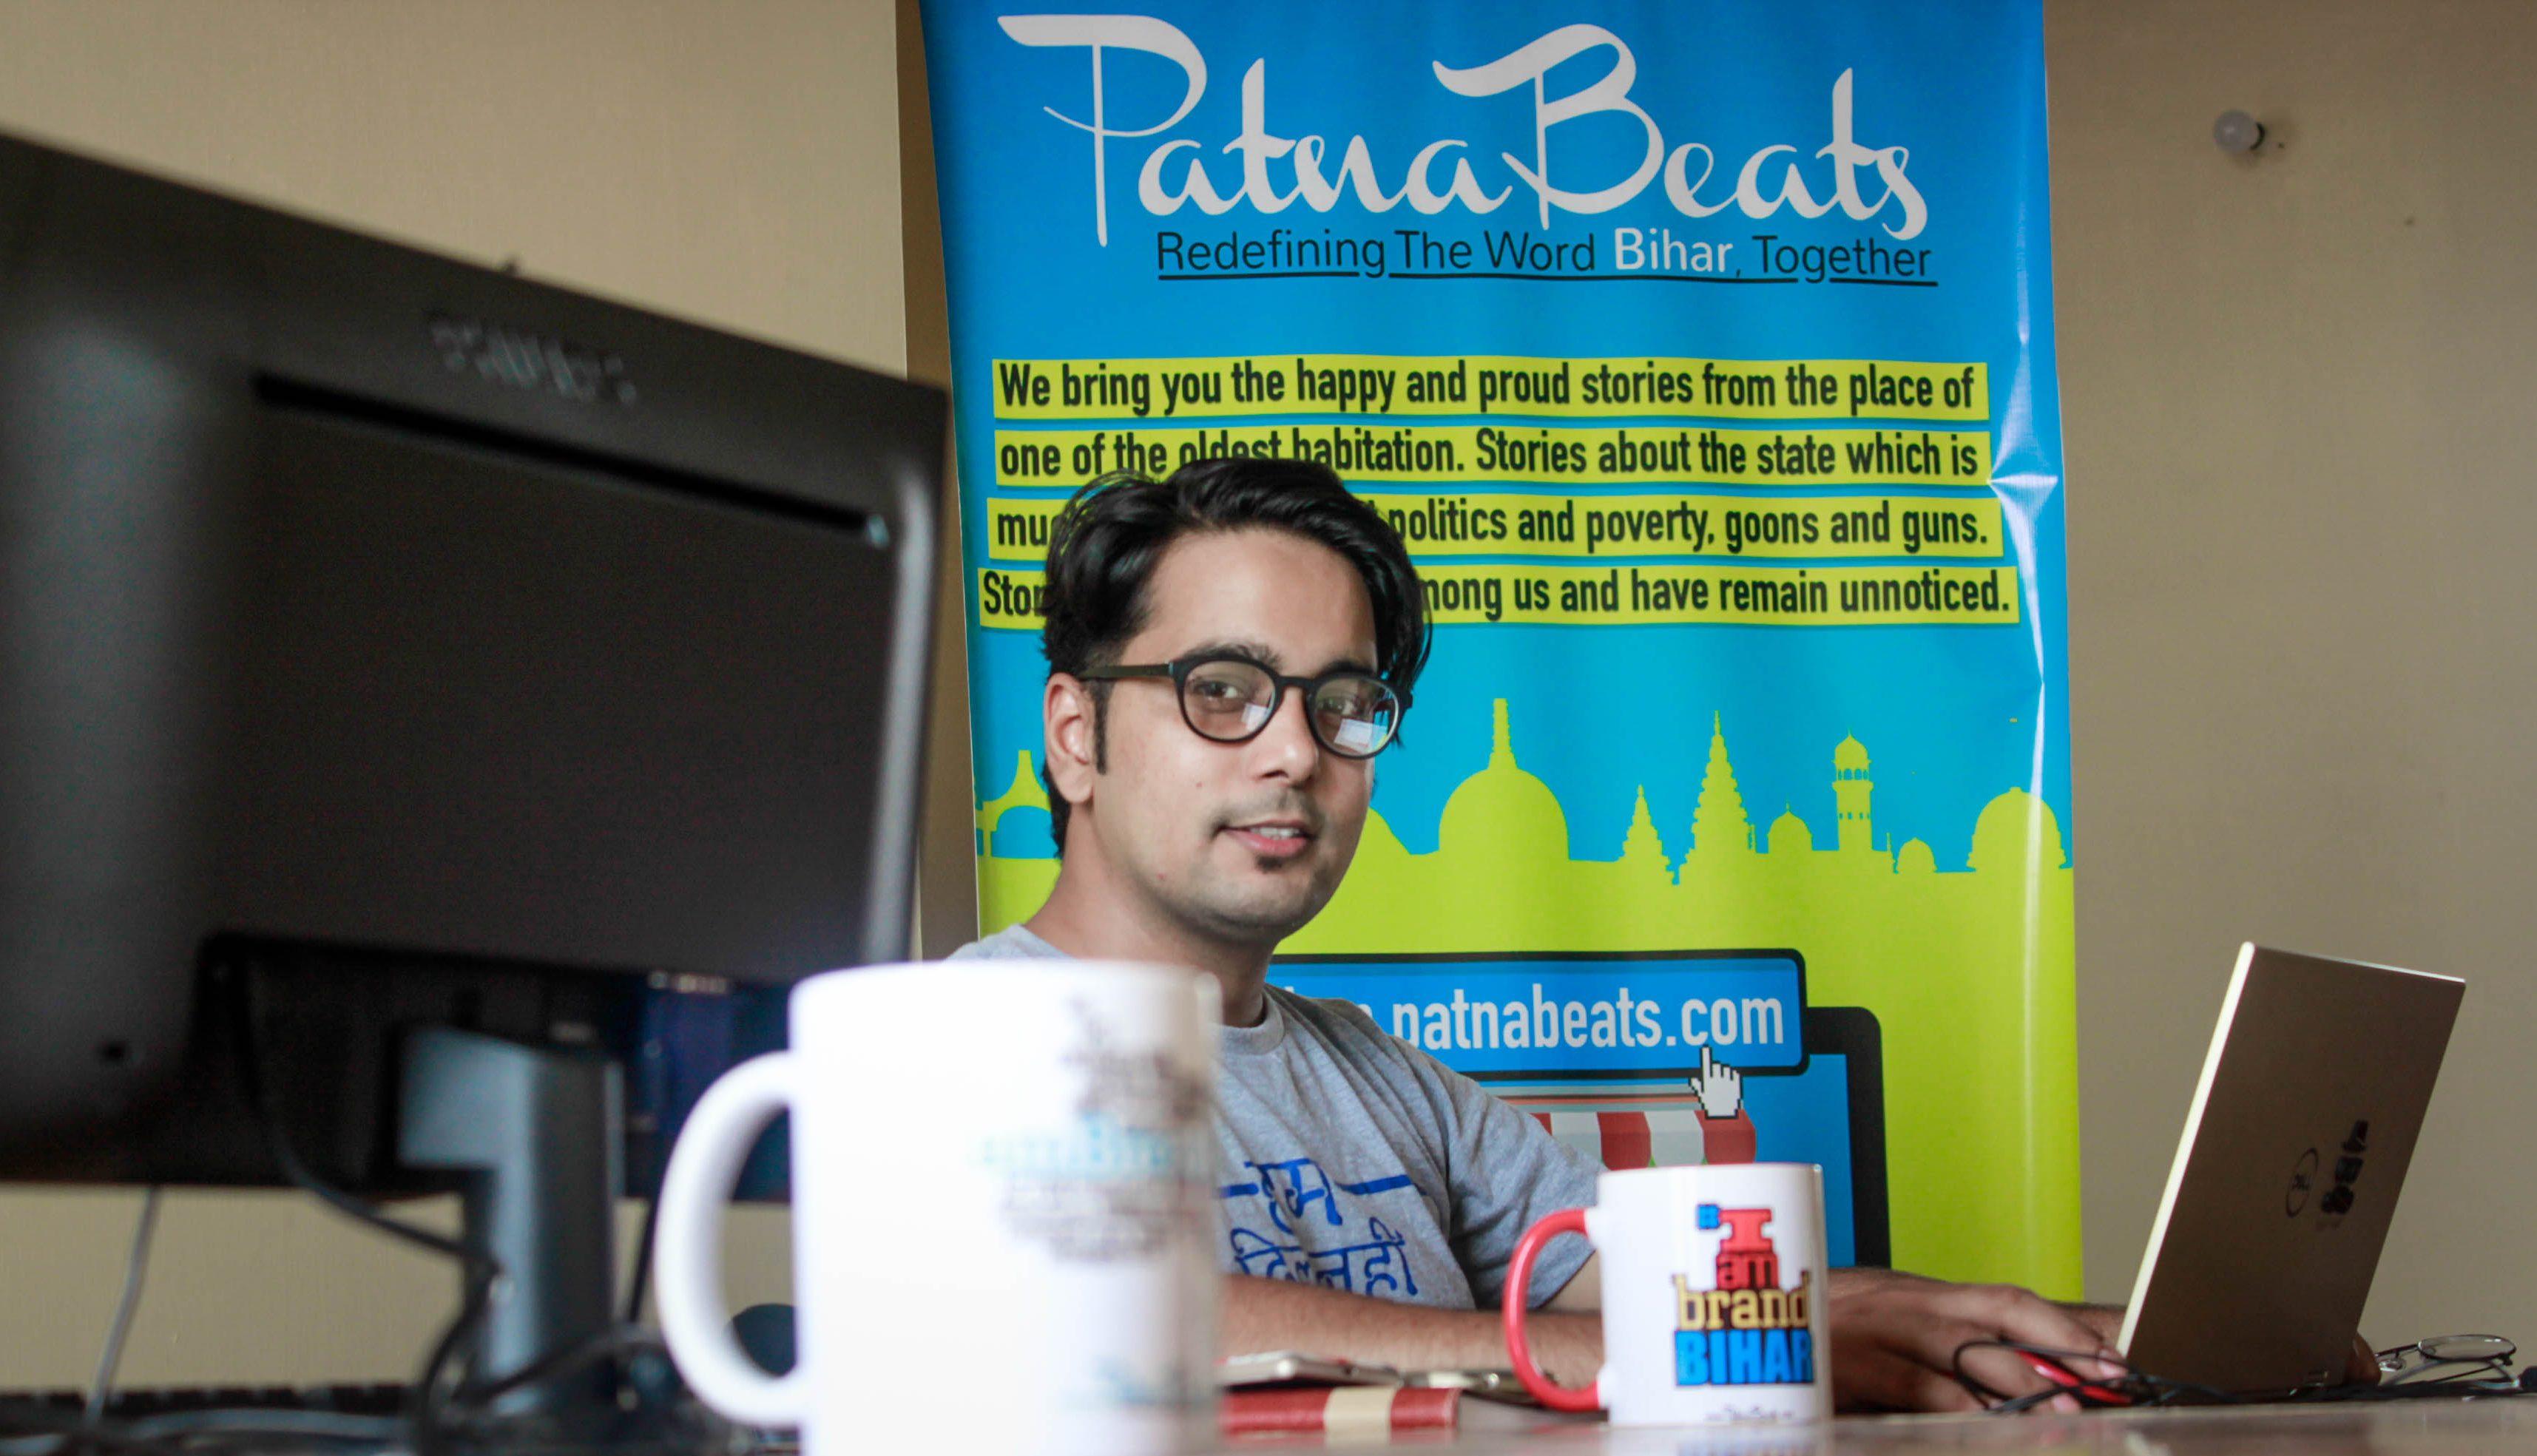 Founder Of PatnaBeats Bashshar Hbibullah